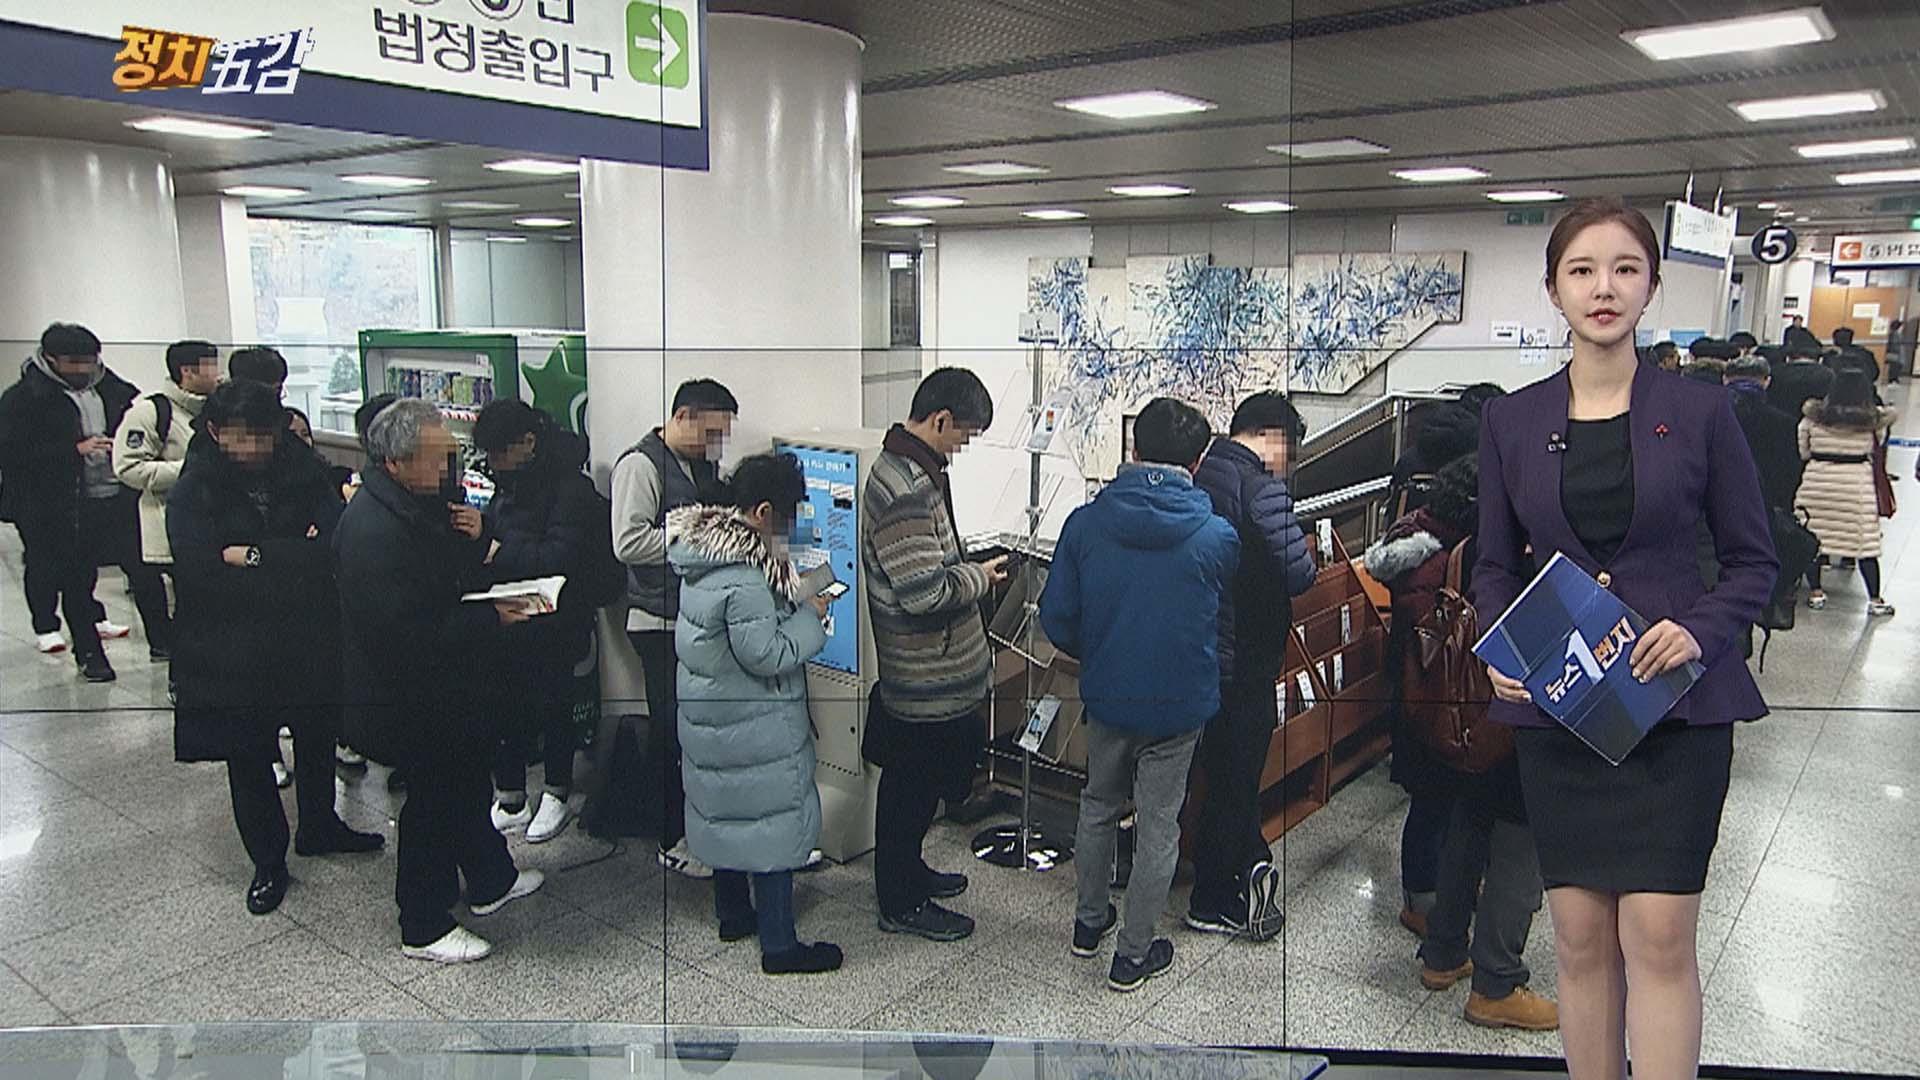 [정치五감] 정경심 교수 4차 공판준비기일…대기하는 방청객들 外